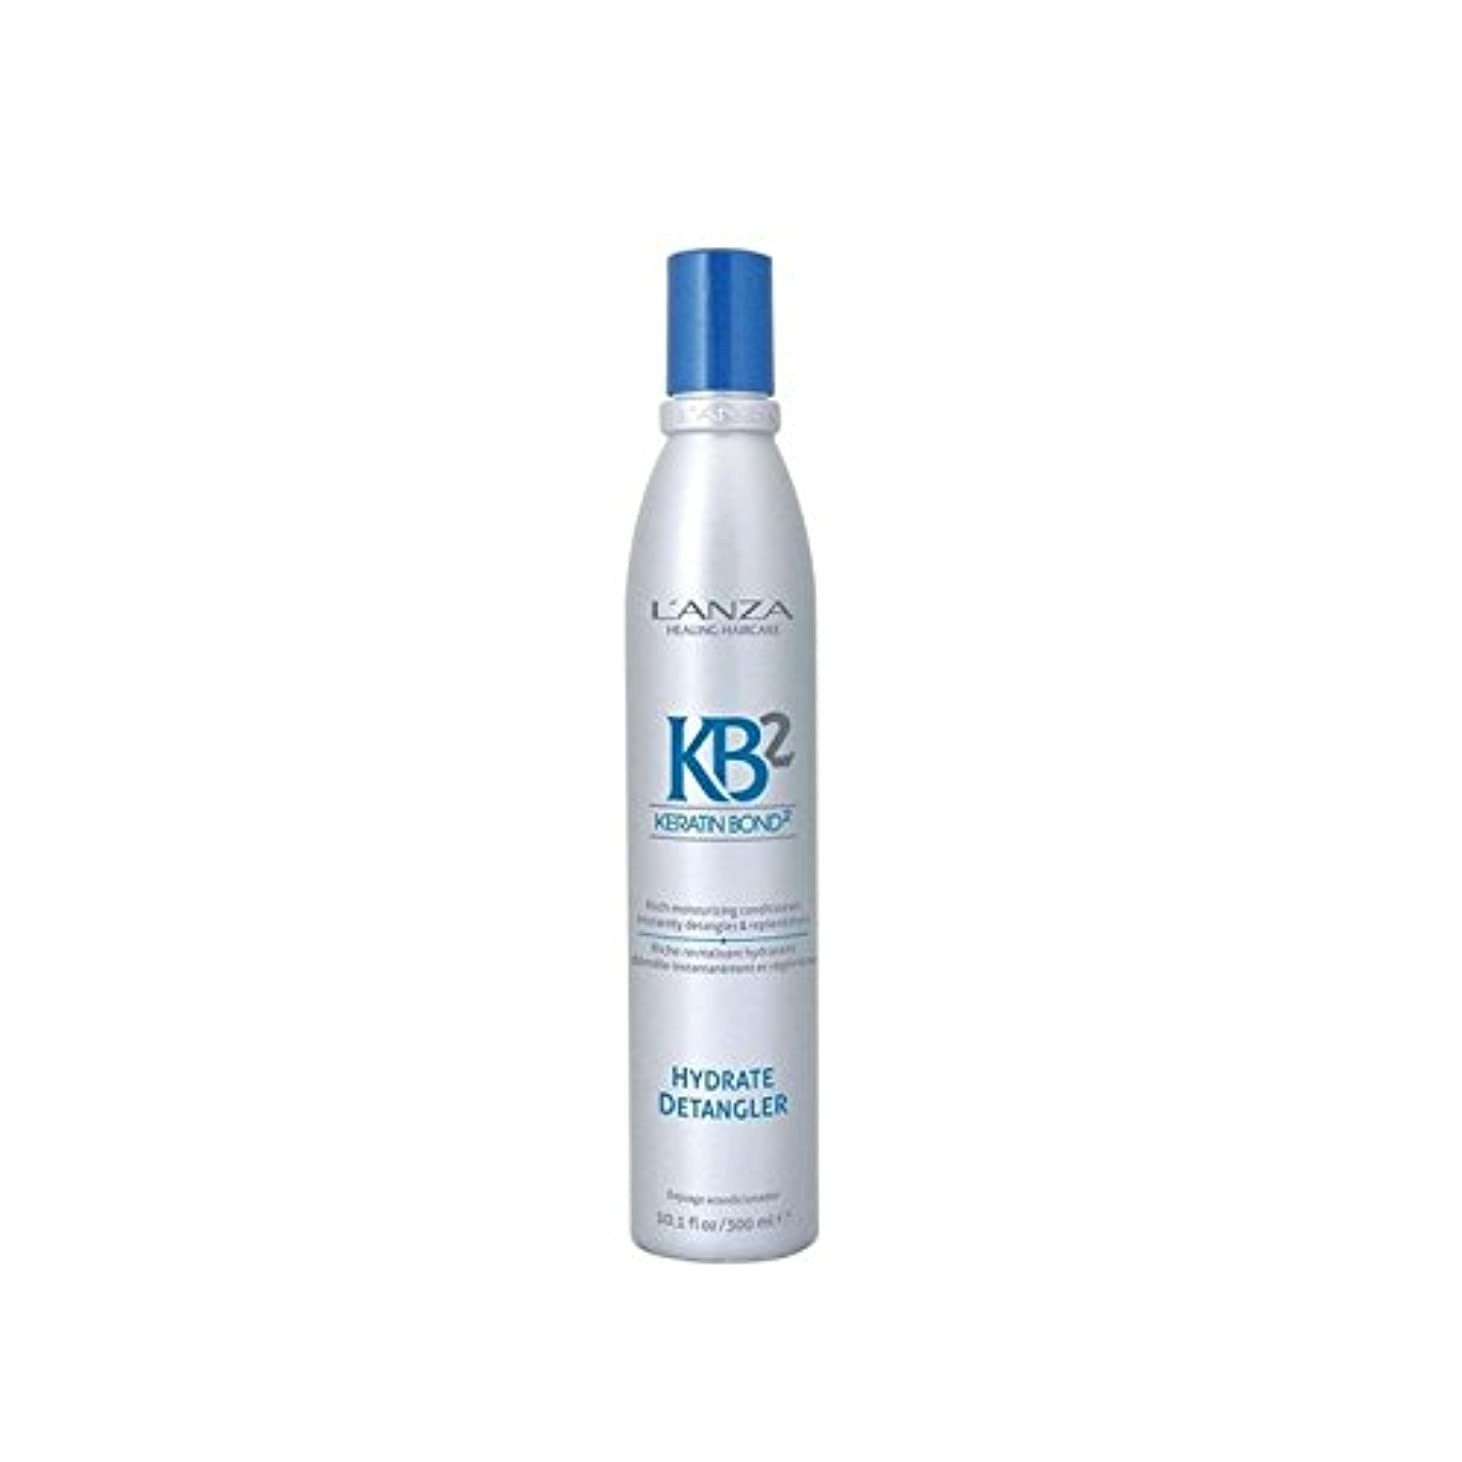 ソブリケット偶然の関係L'Anza Kb2 Hydrate Detangler (300ml) (Pack of 6) - アンザ2和物(300ミリリットル) x6 [並行輸入品]